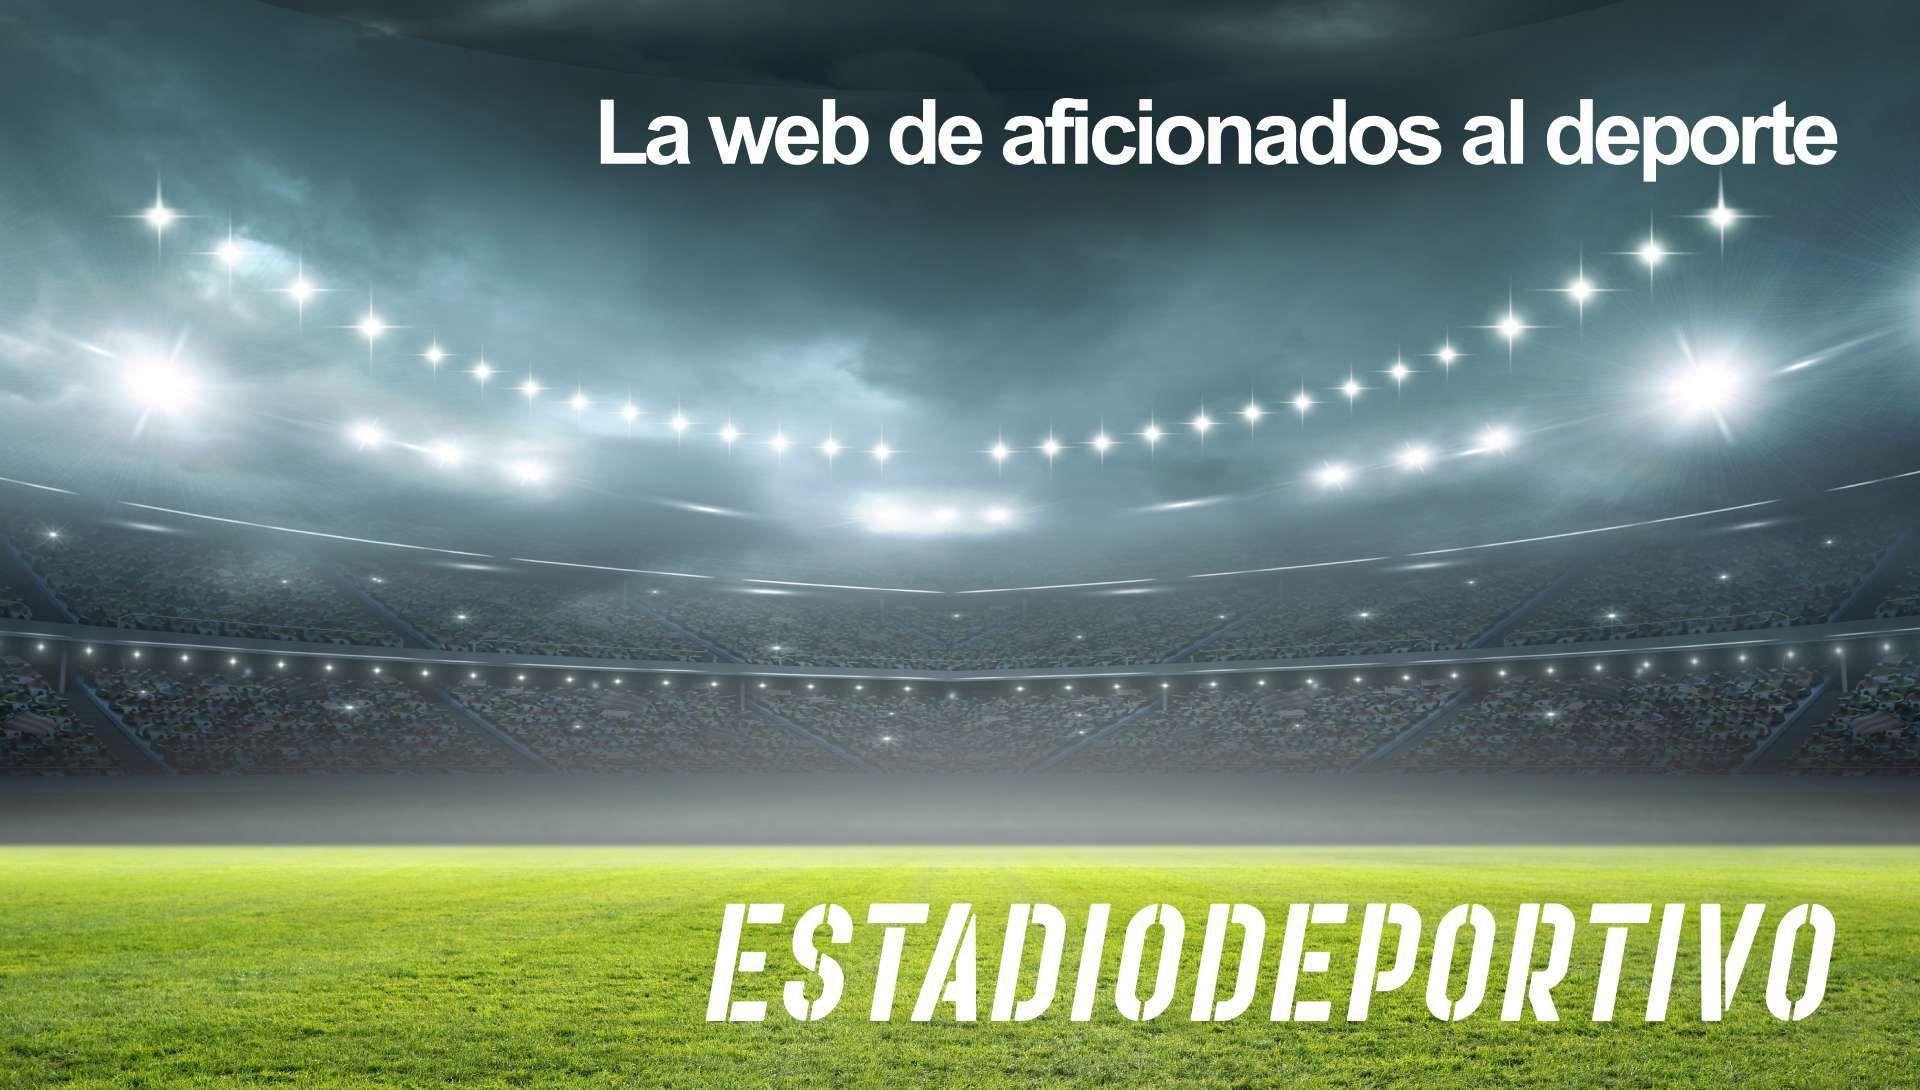 Las convocatorias definitivas para el Mundial de Rusia